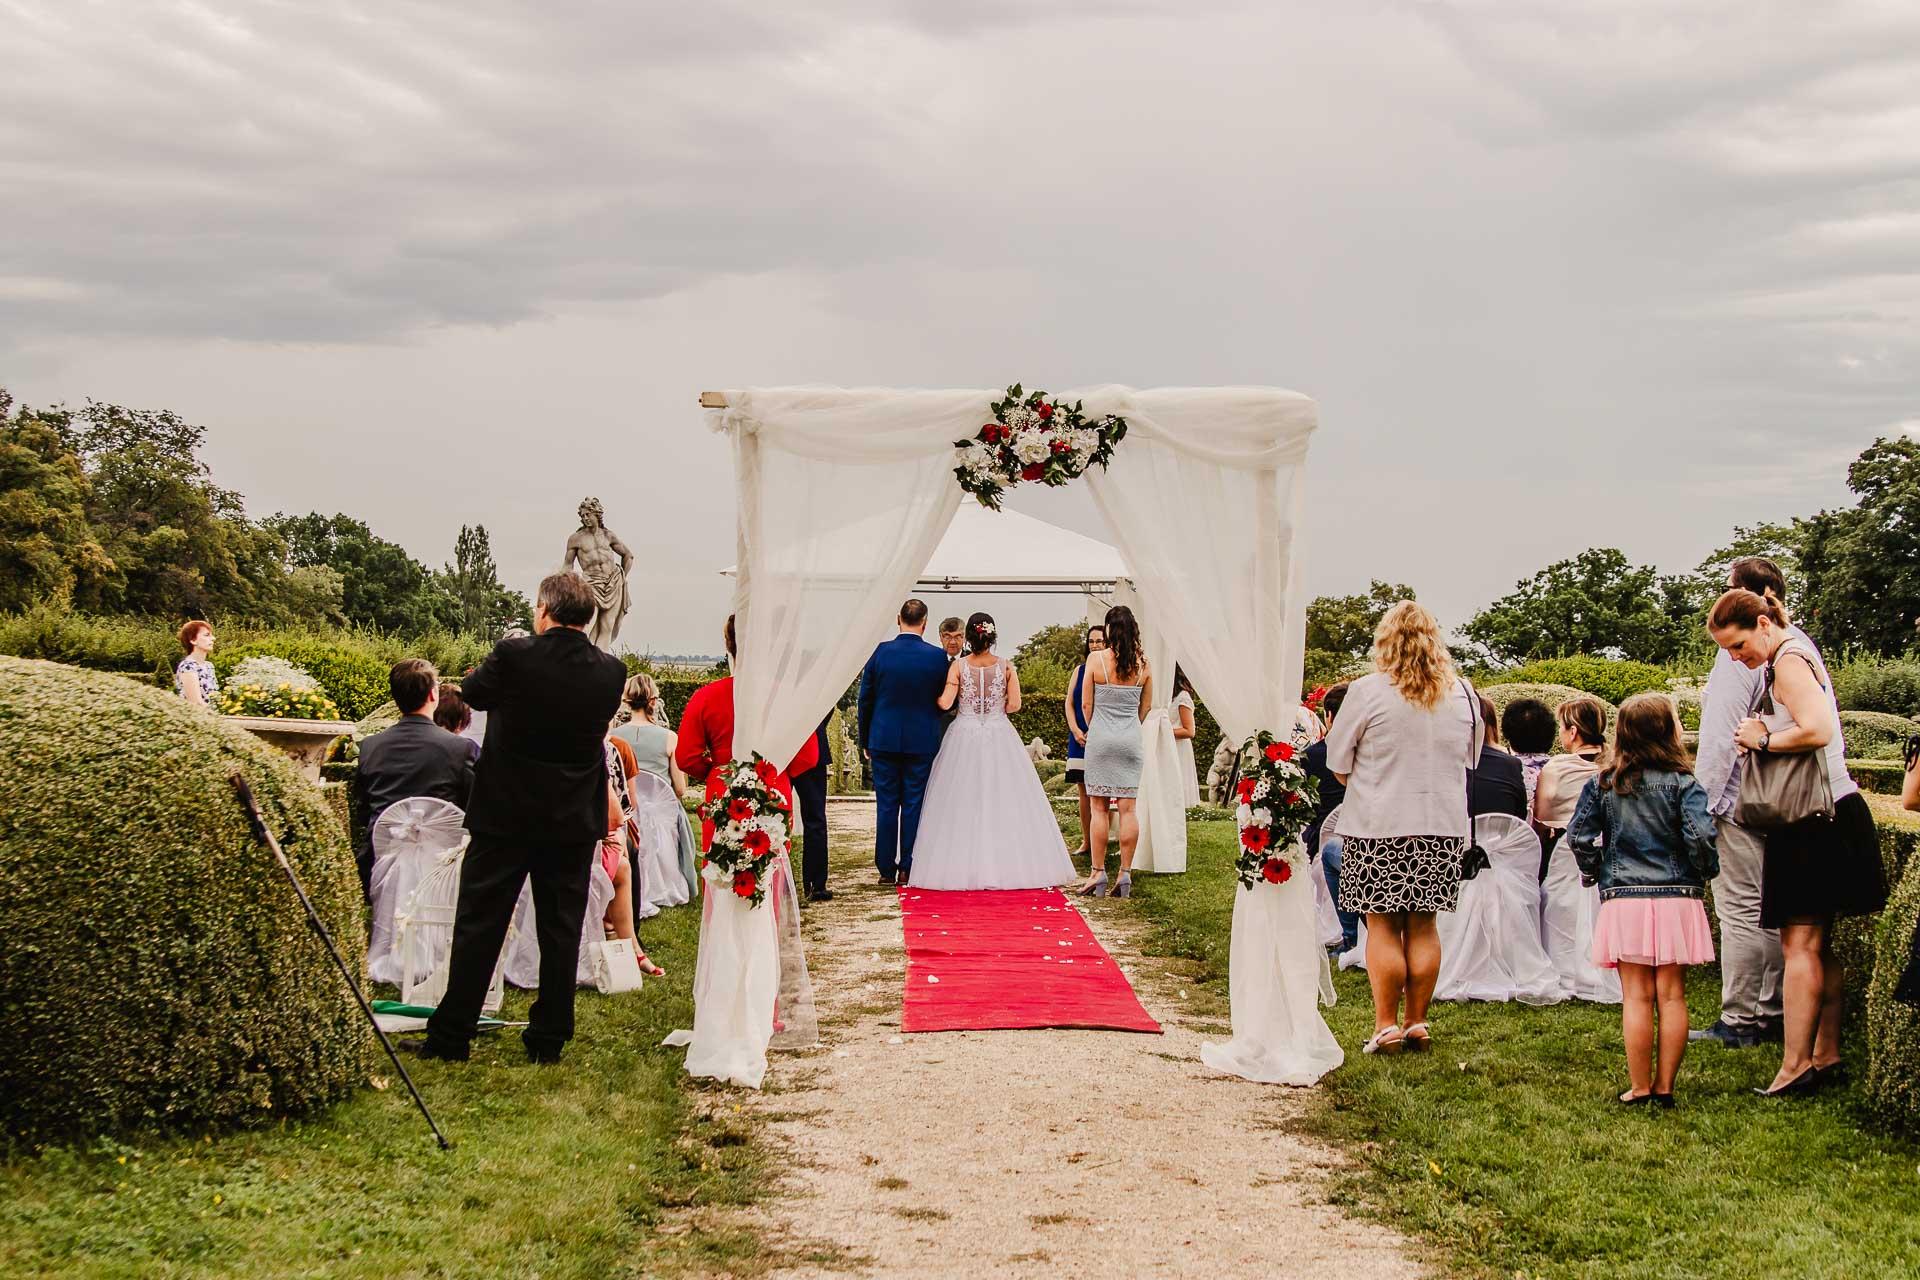 příprava-svatebního-obřadu-Lysá-nad-Labem-svatební-agentura-Svatbavenku-26